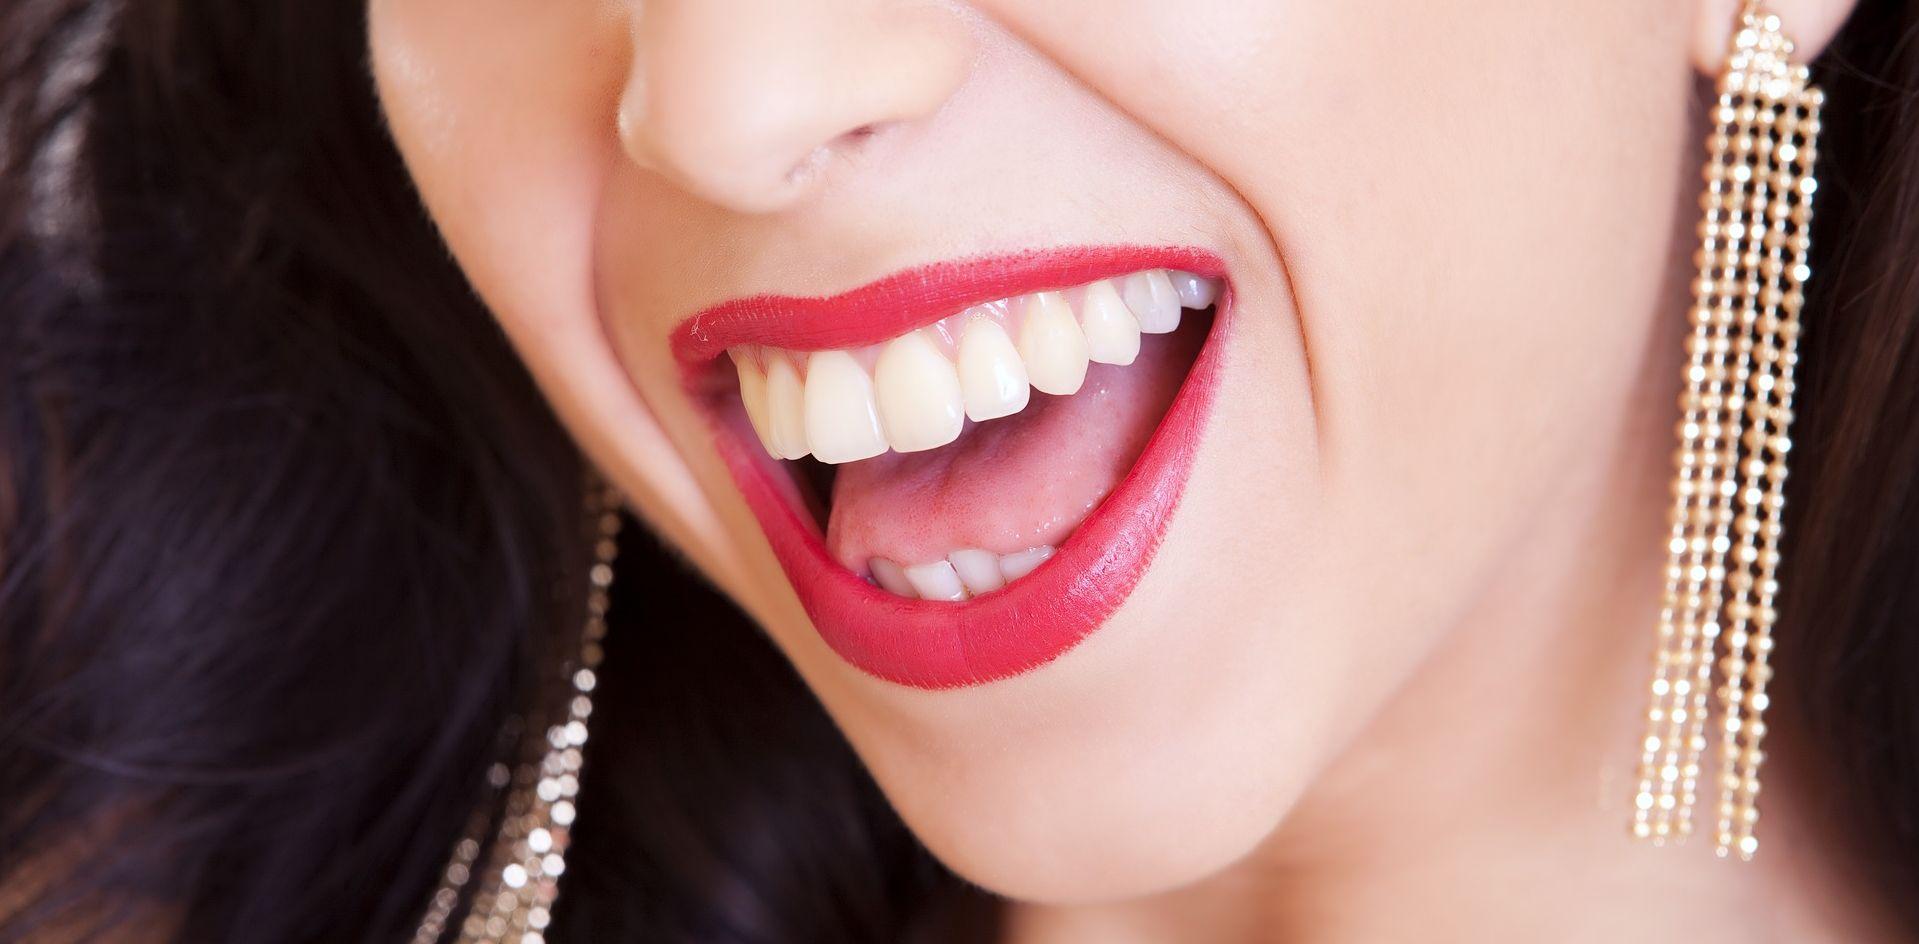 Šypsokitės plačiai: geriausias balinimo būdas jūsų dantims